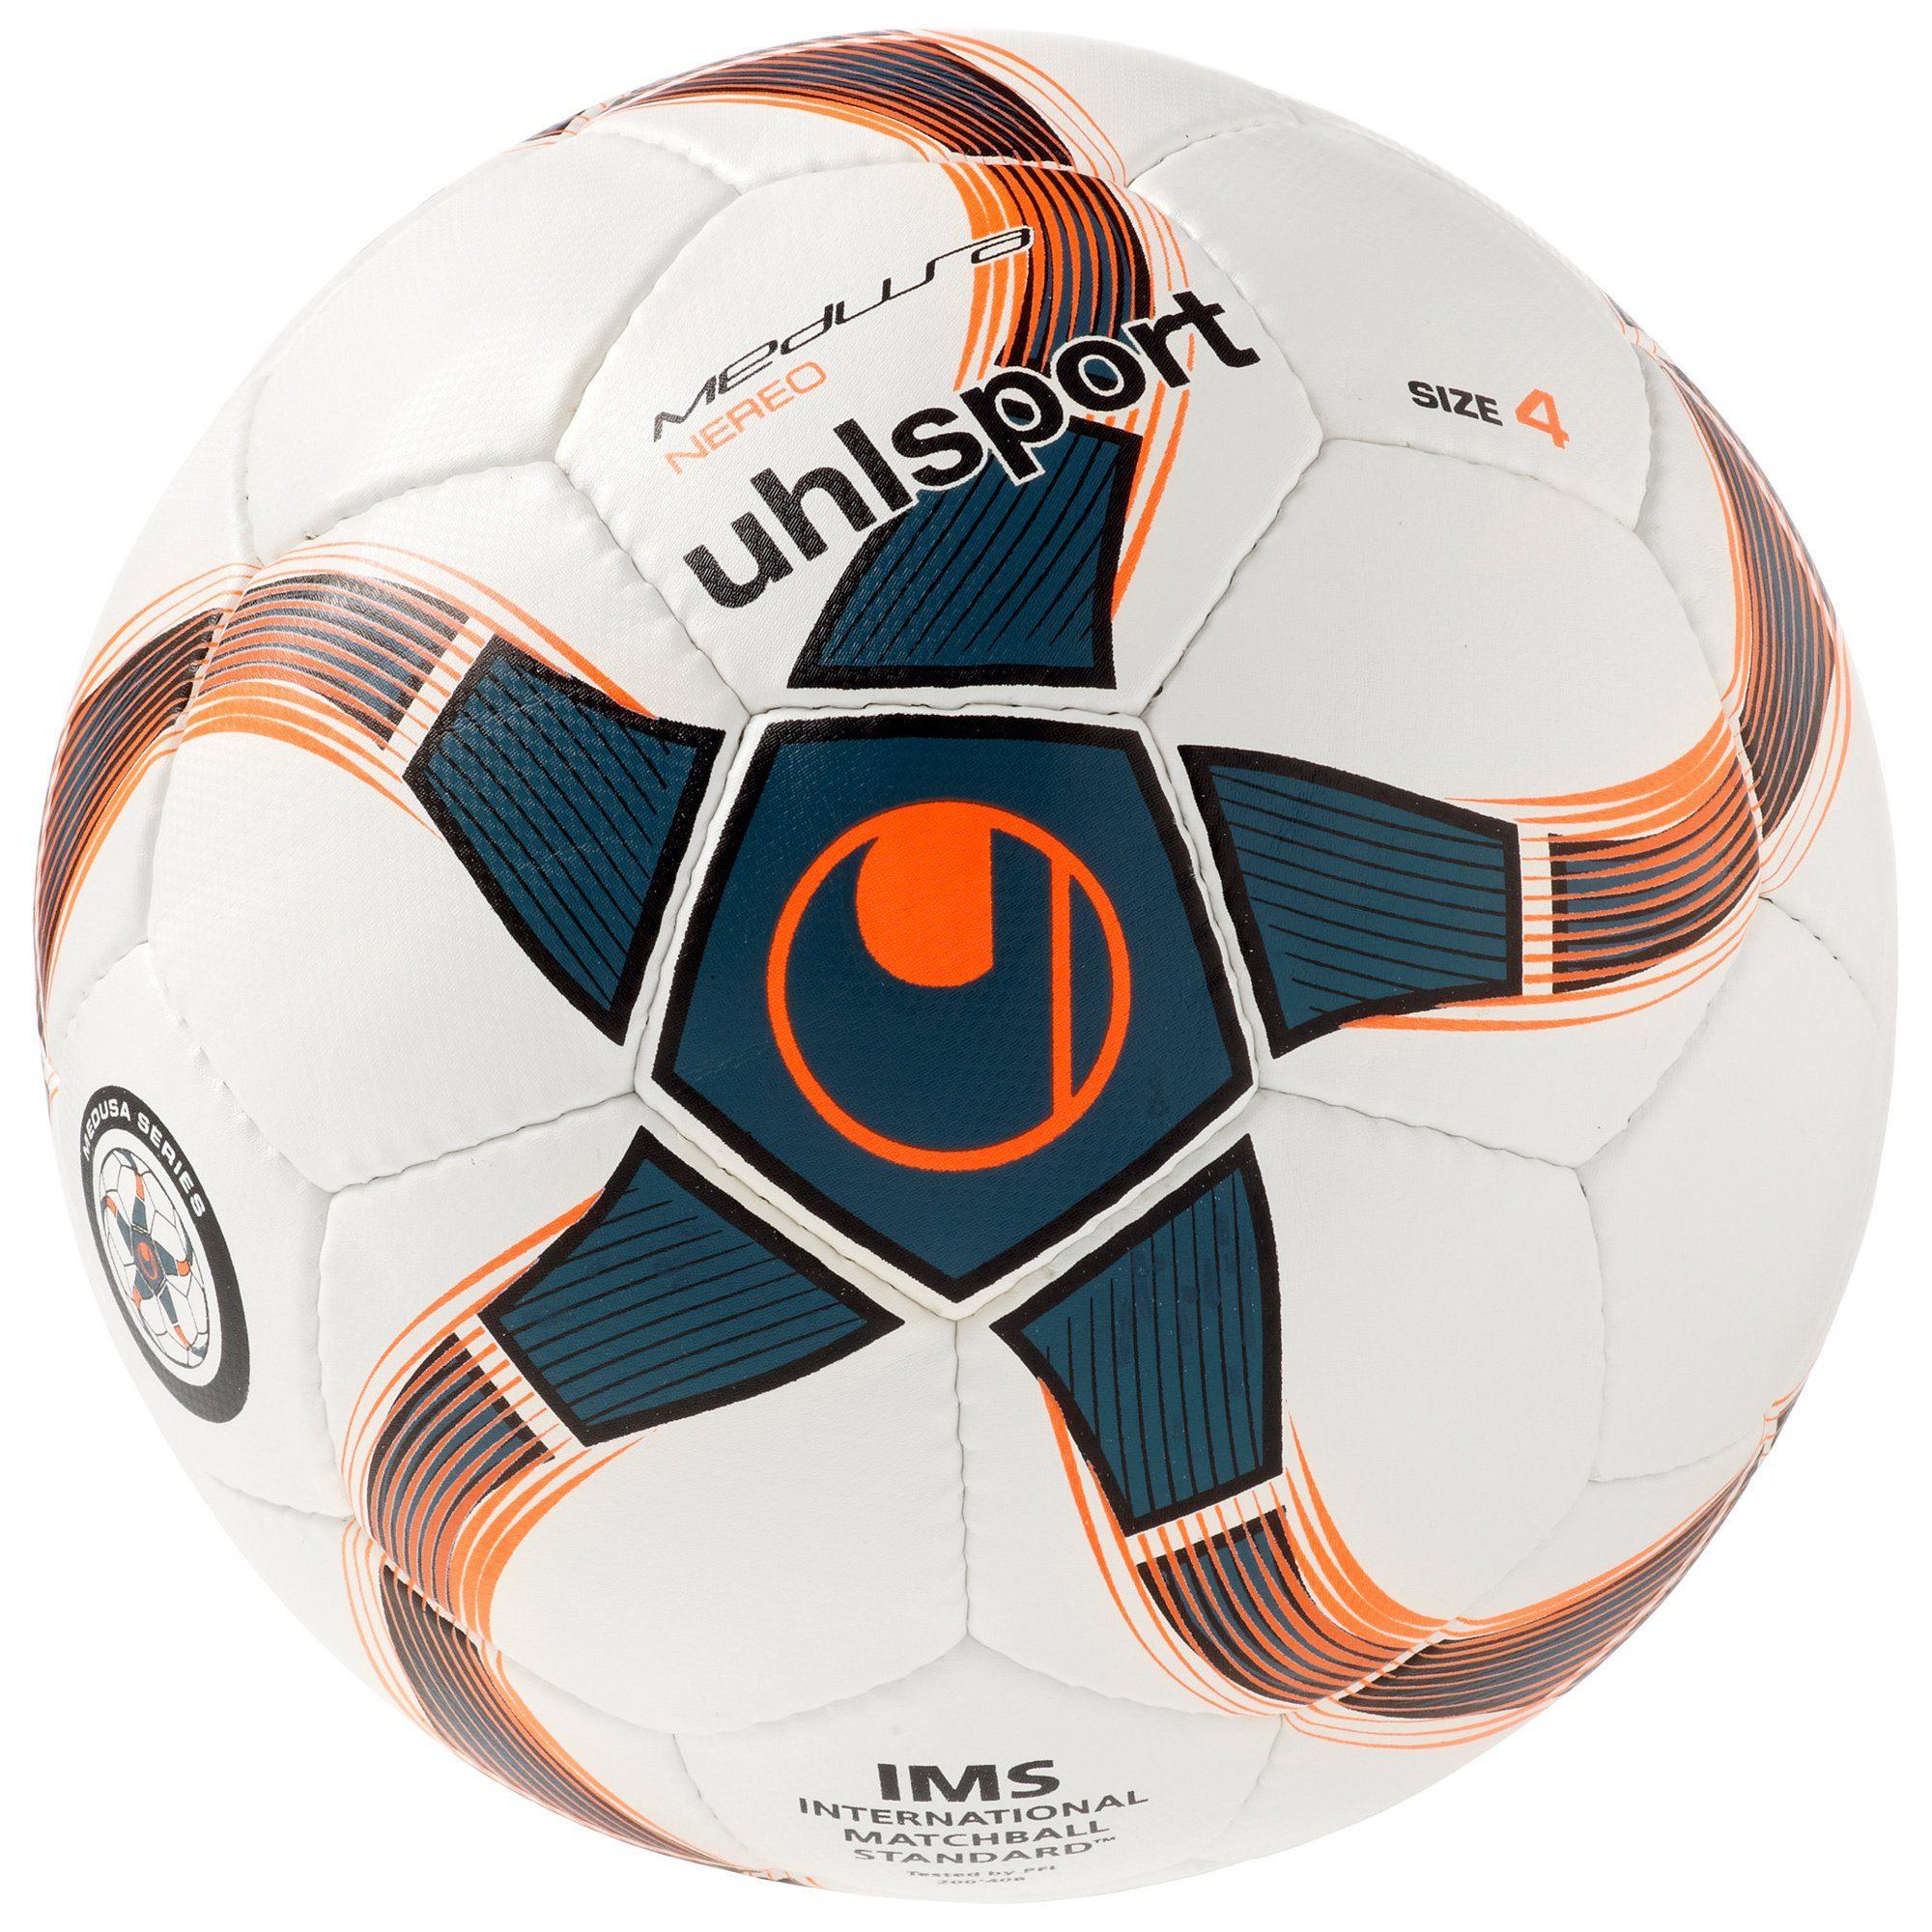 UHLSPORT Medusa Nereo Fußball